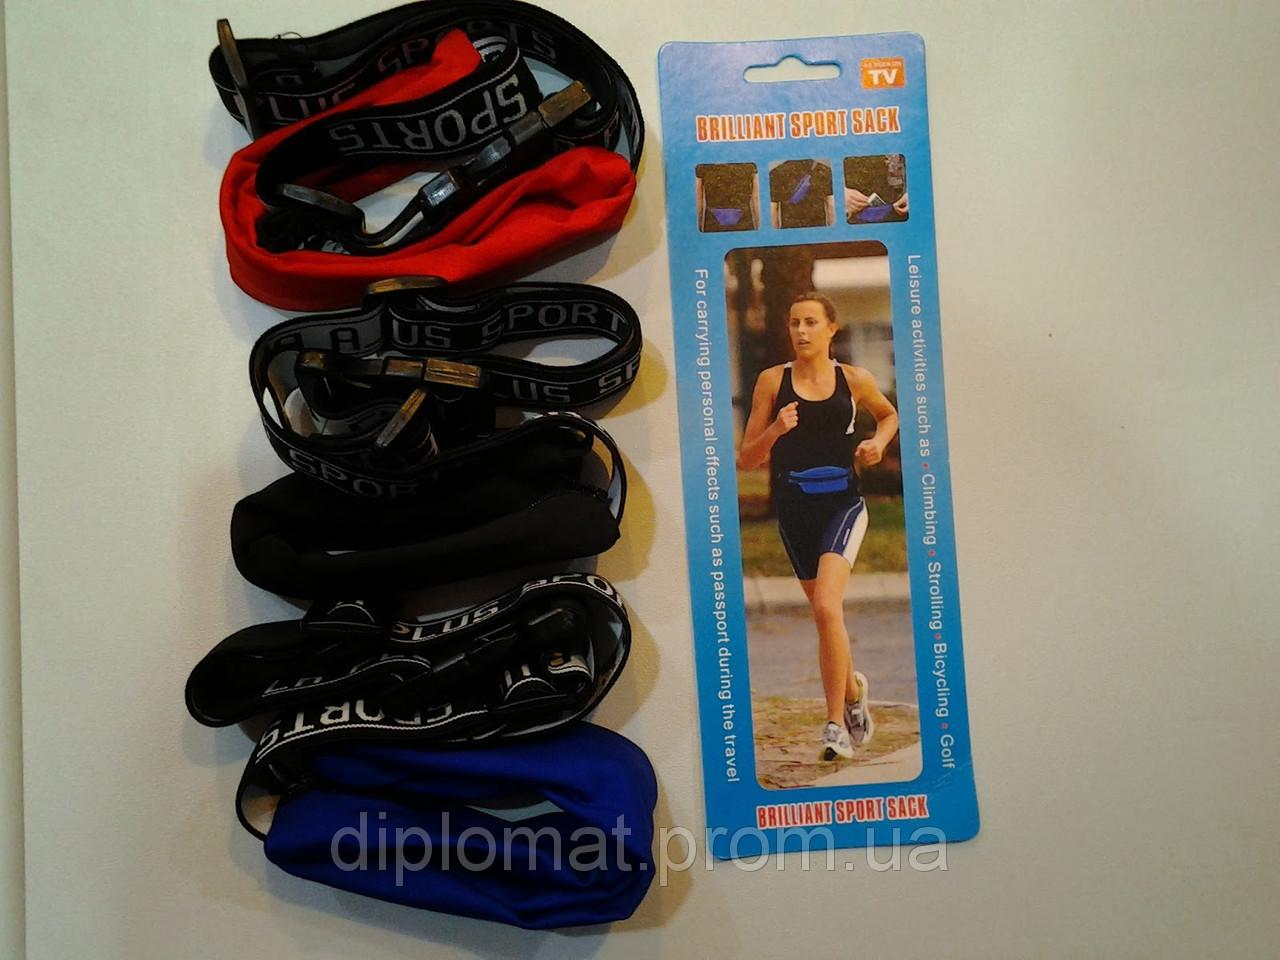 Спортивная сумочка Brilliant Sport Sack, опт